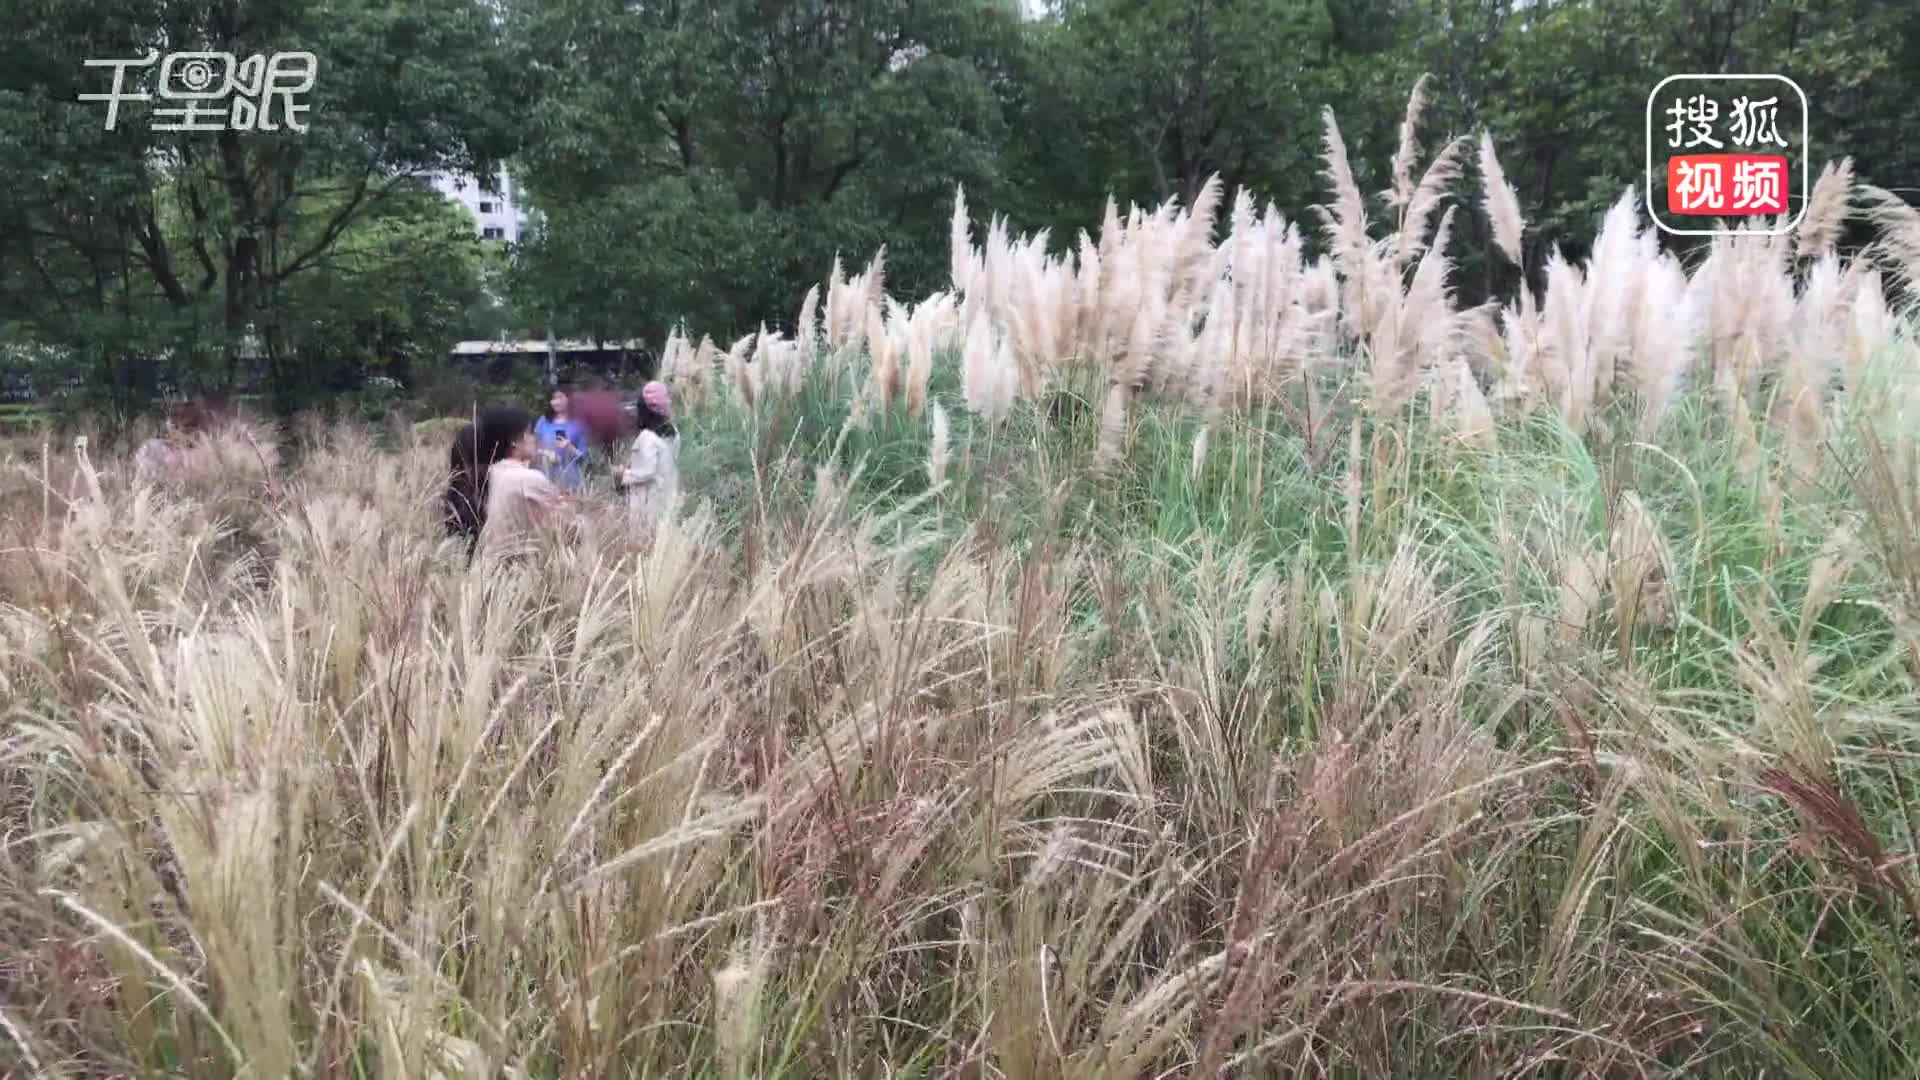 [视频]杭州网红花田现身 三天后成废田